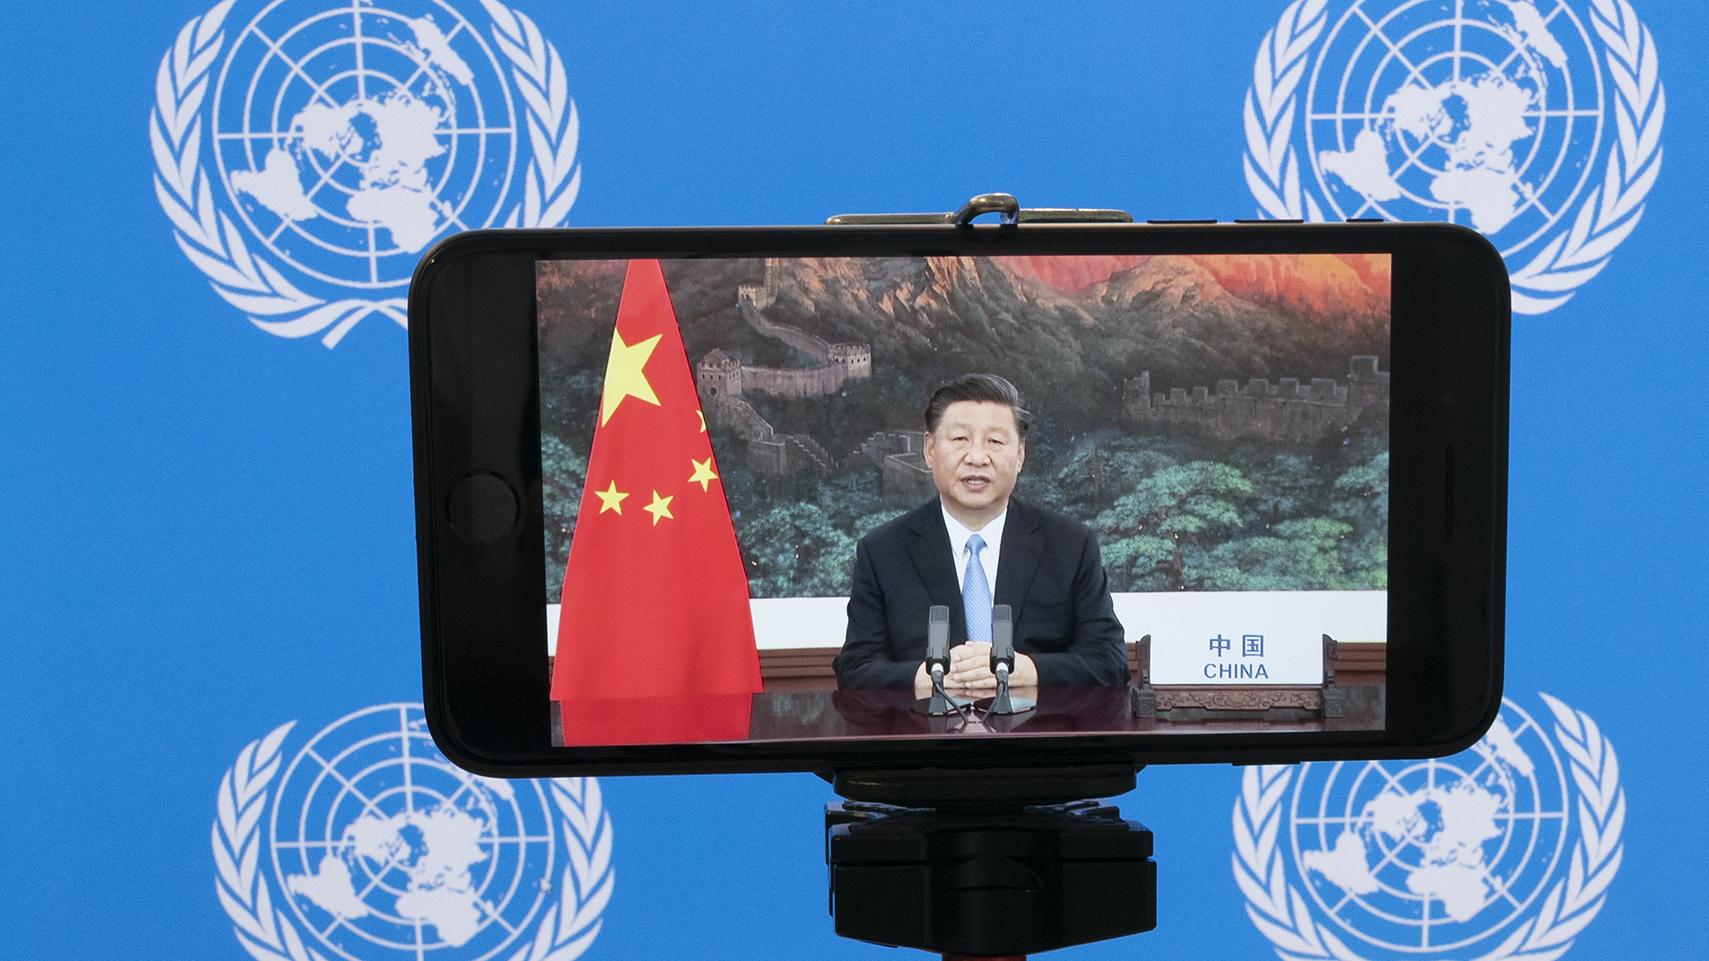 2020年9月22日,中国国家主席习近平在联合国大会上发表视频演讲。(美联社)